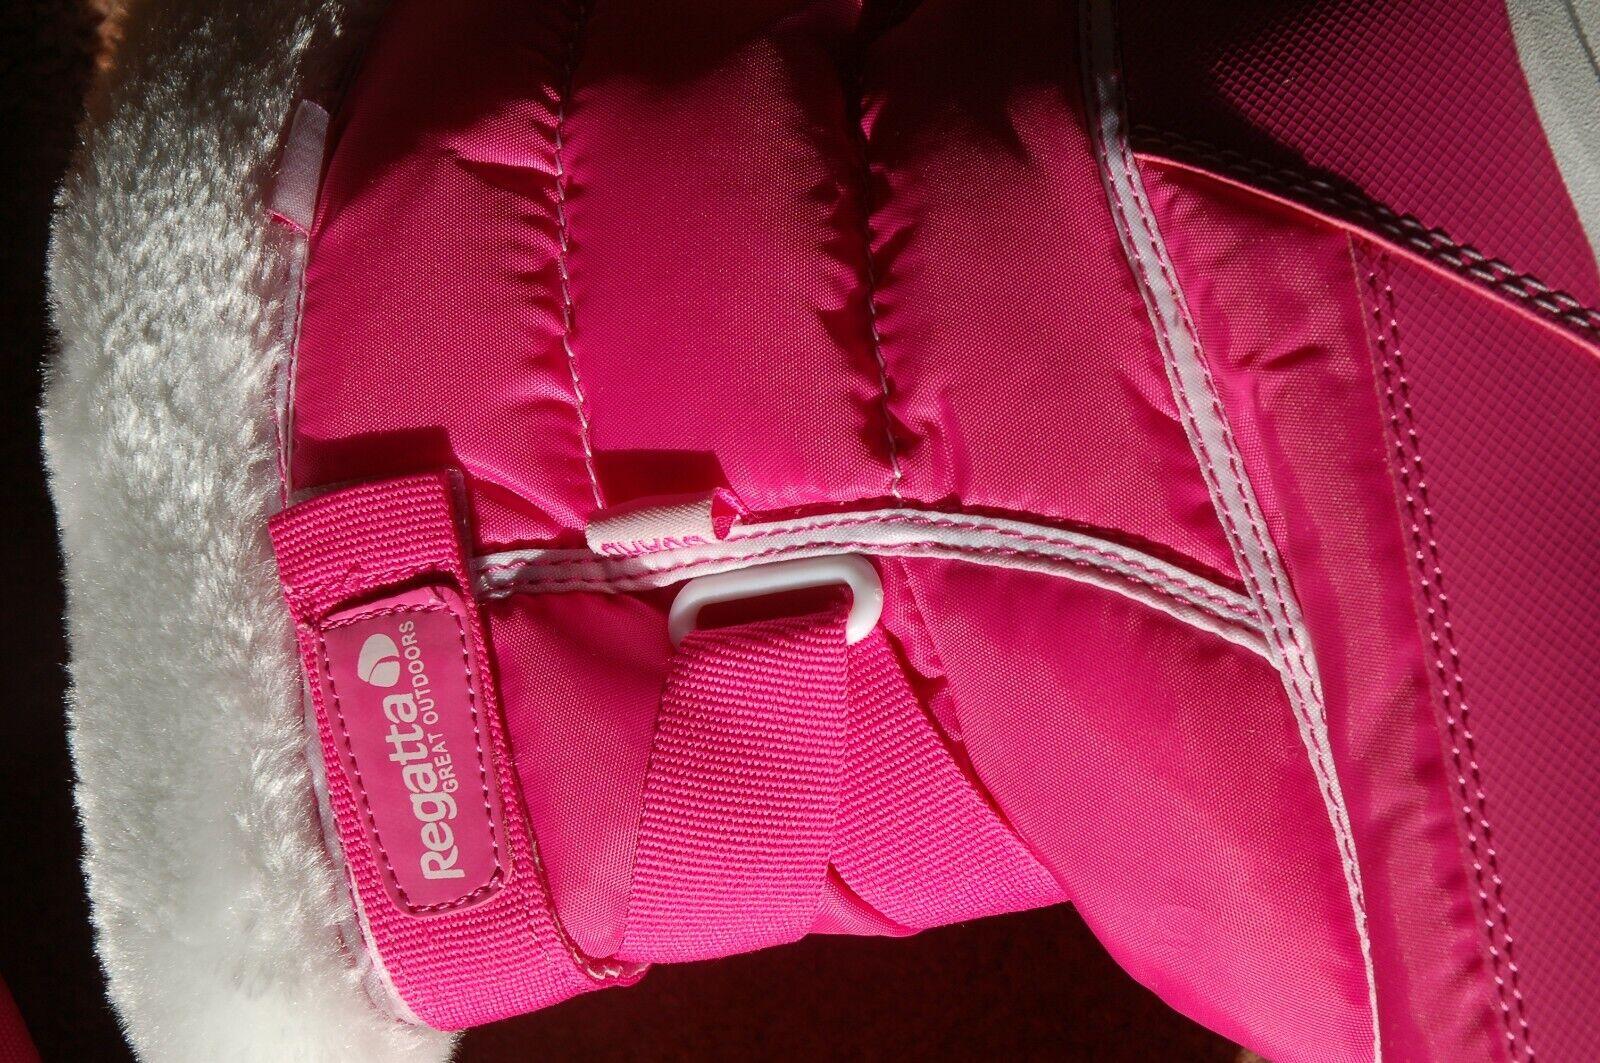 New UK 6 6 UK Regatta Snow cadet Isotex Thermo Guard ATL Rosa  Weiß Fur Lined Stiefel 8284d4